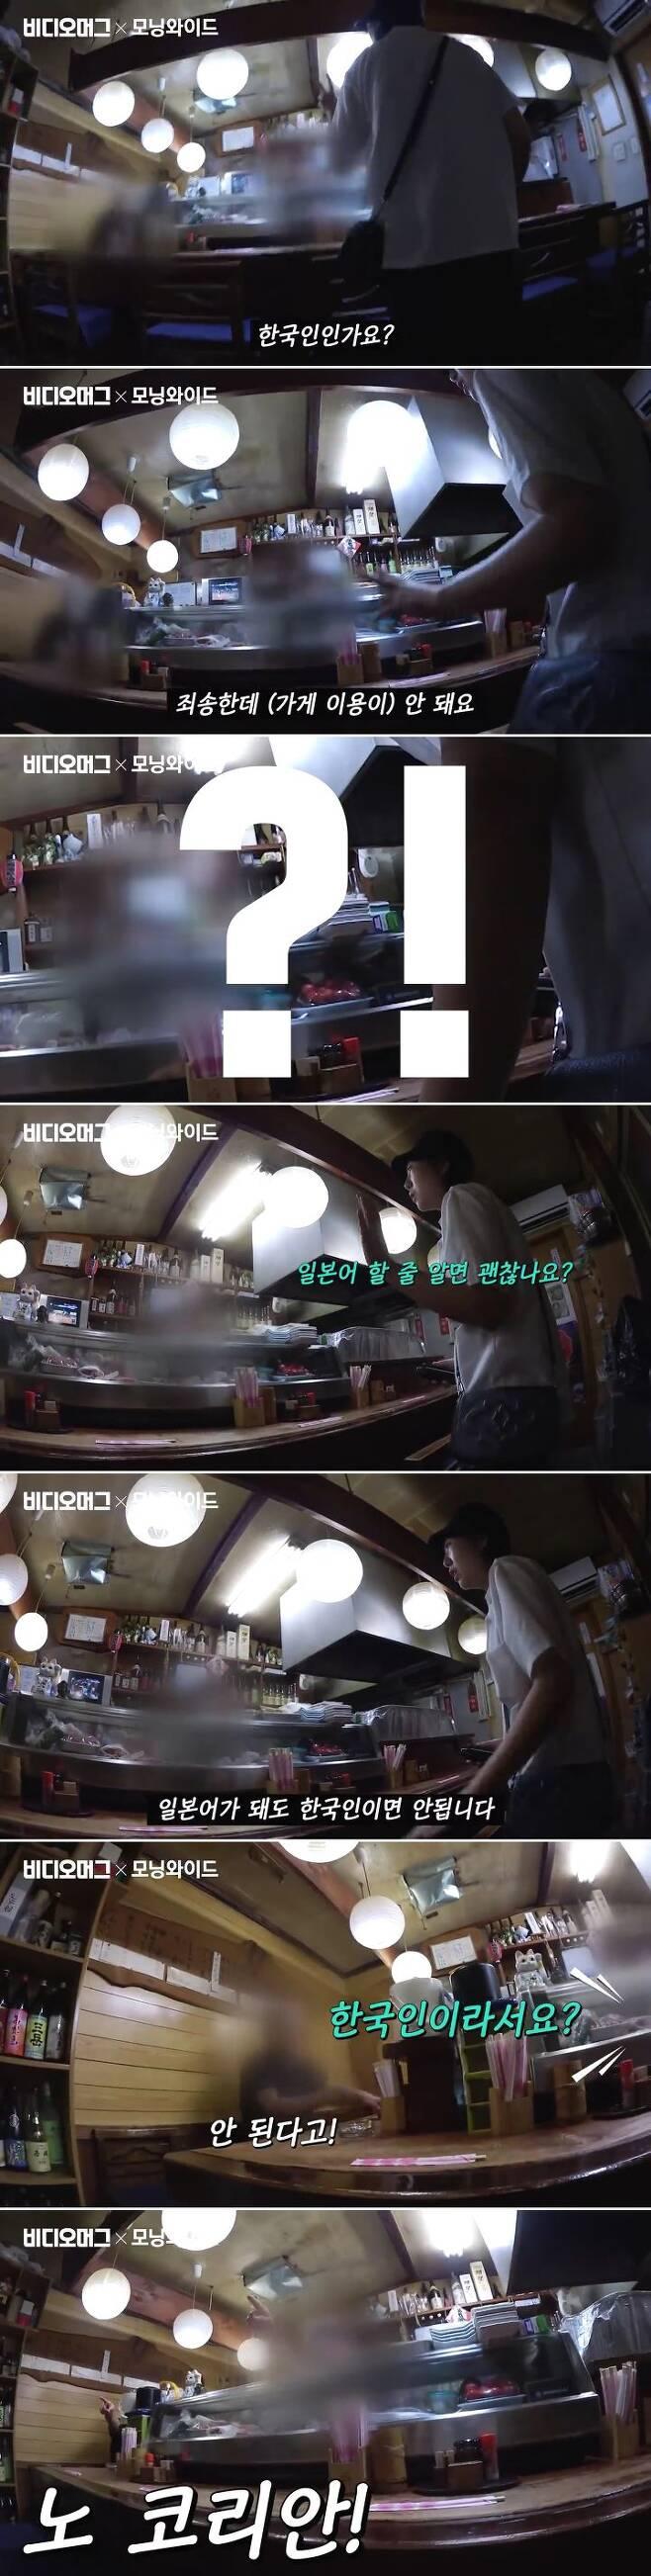 출처: SBS 비디오머그